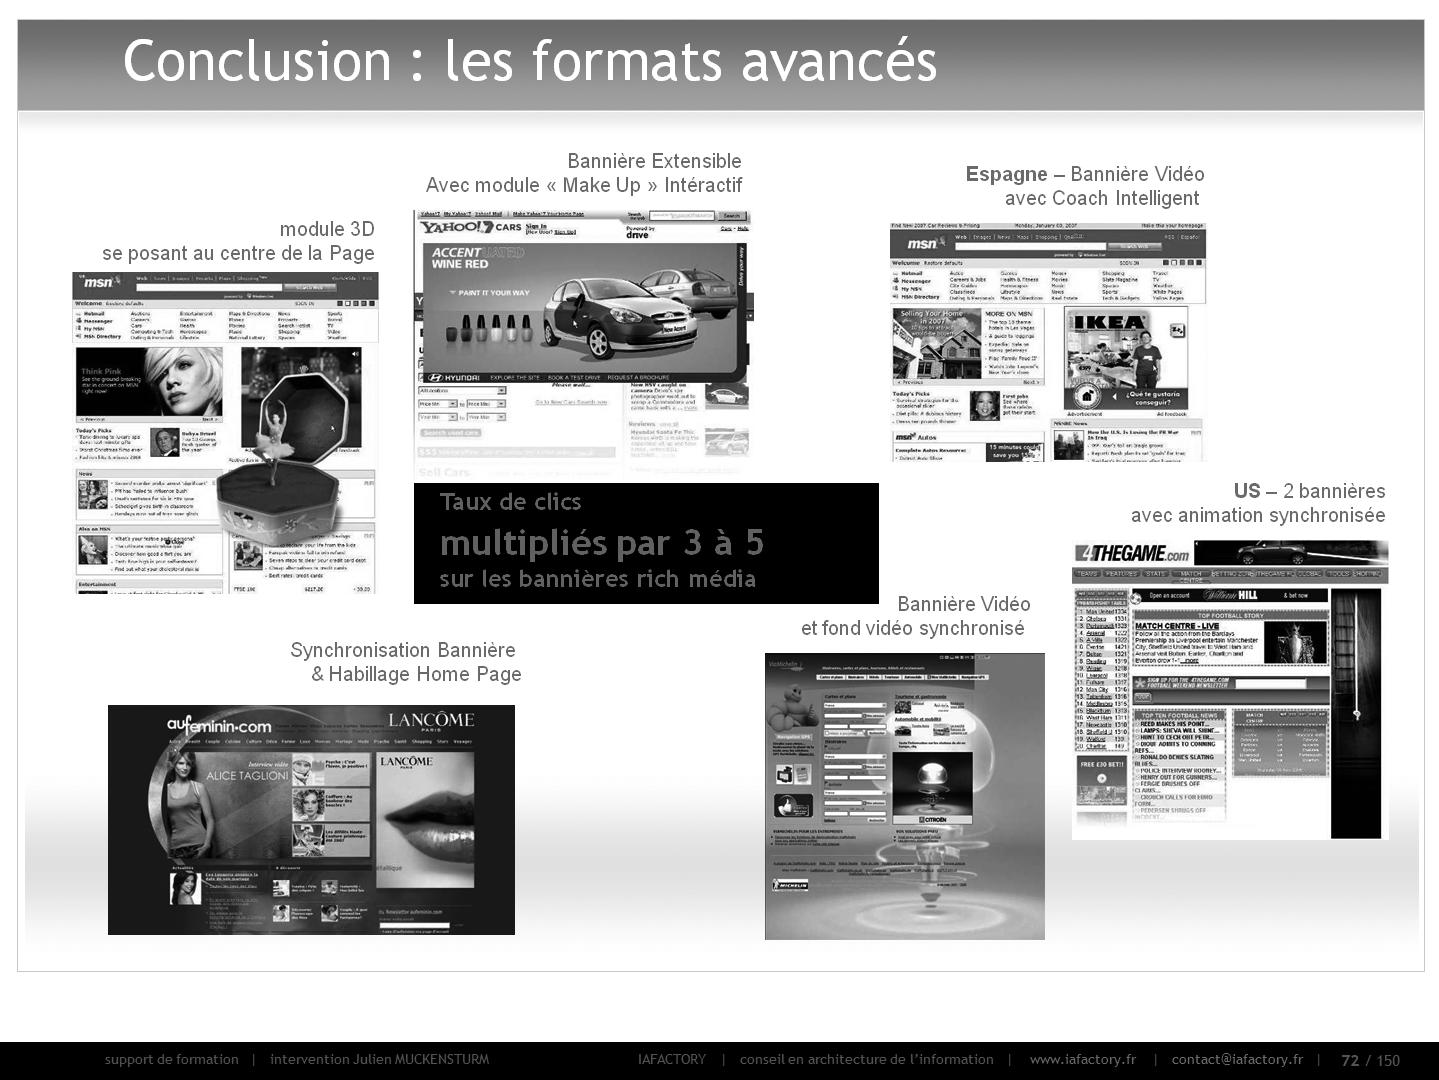 formation universitaire en webmarketing : publicité en ligne (formats avancés)